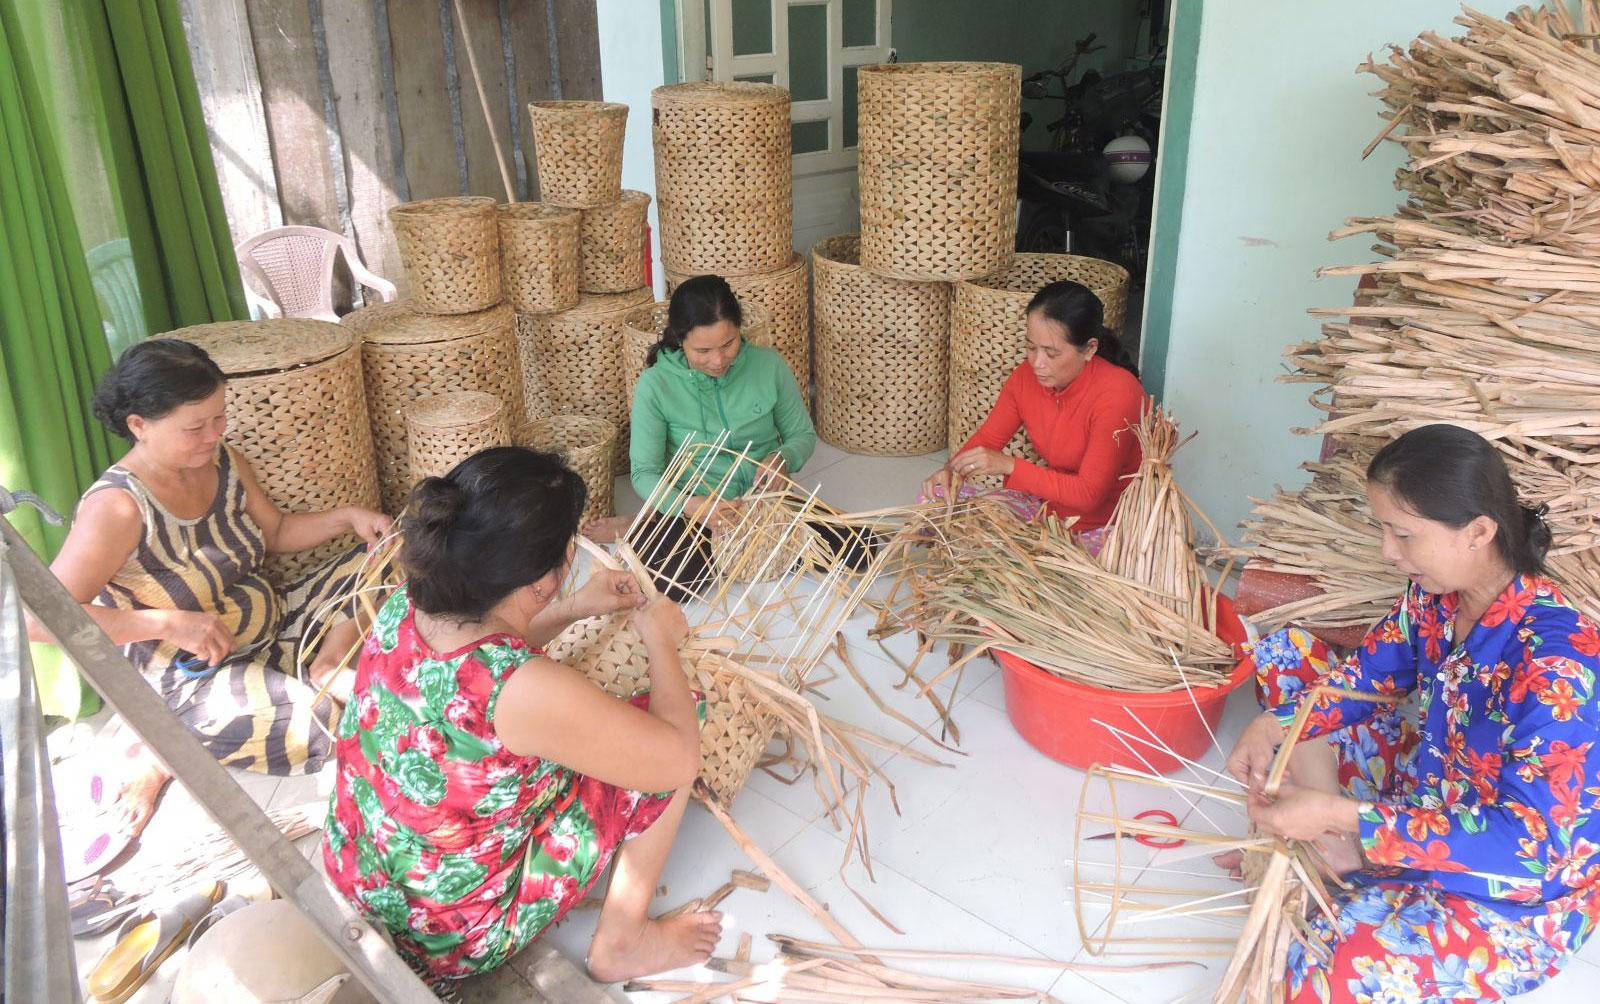 Nghề đan lục bình đã và đang đem đến nguồn thu nhập cho nhiều phụ nữ dân tộc Khmer ở huyện Cờ Đỏ. Ảnh: MỸ TÚ